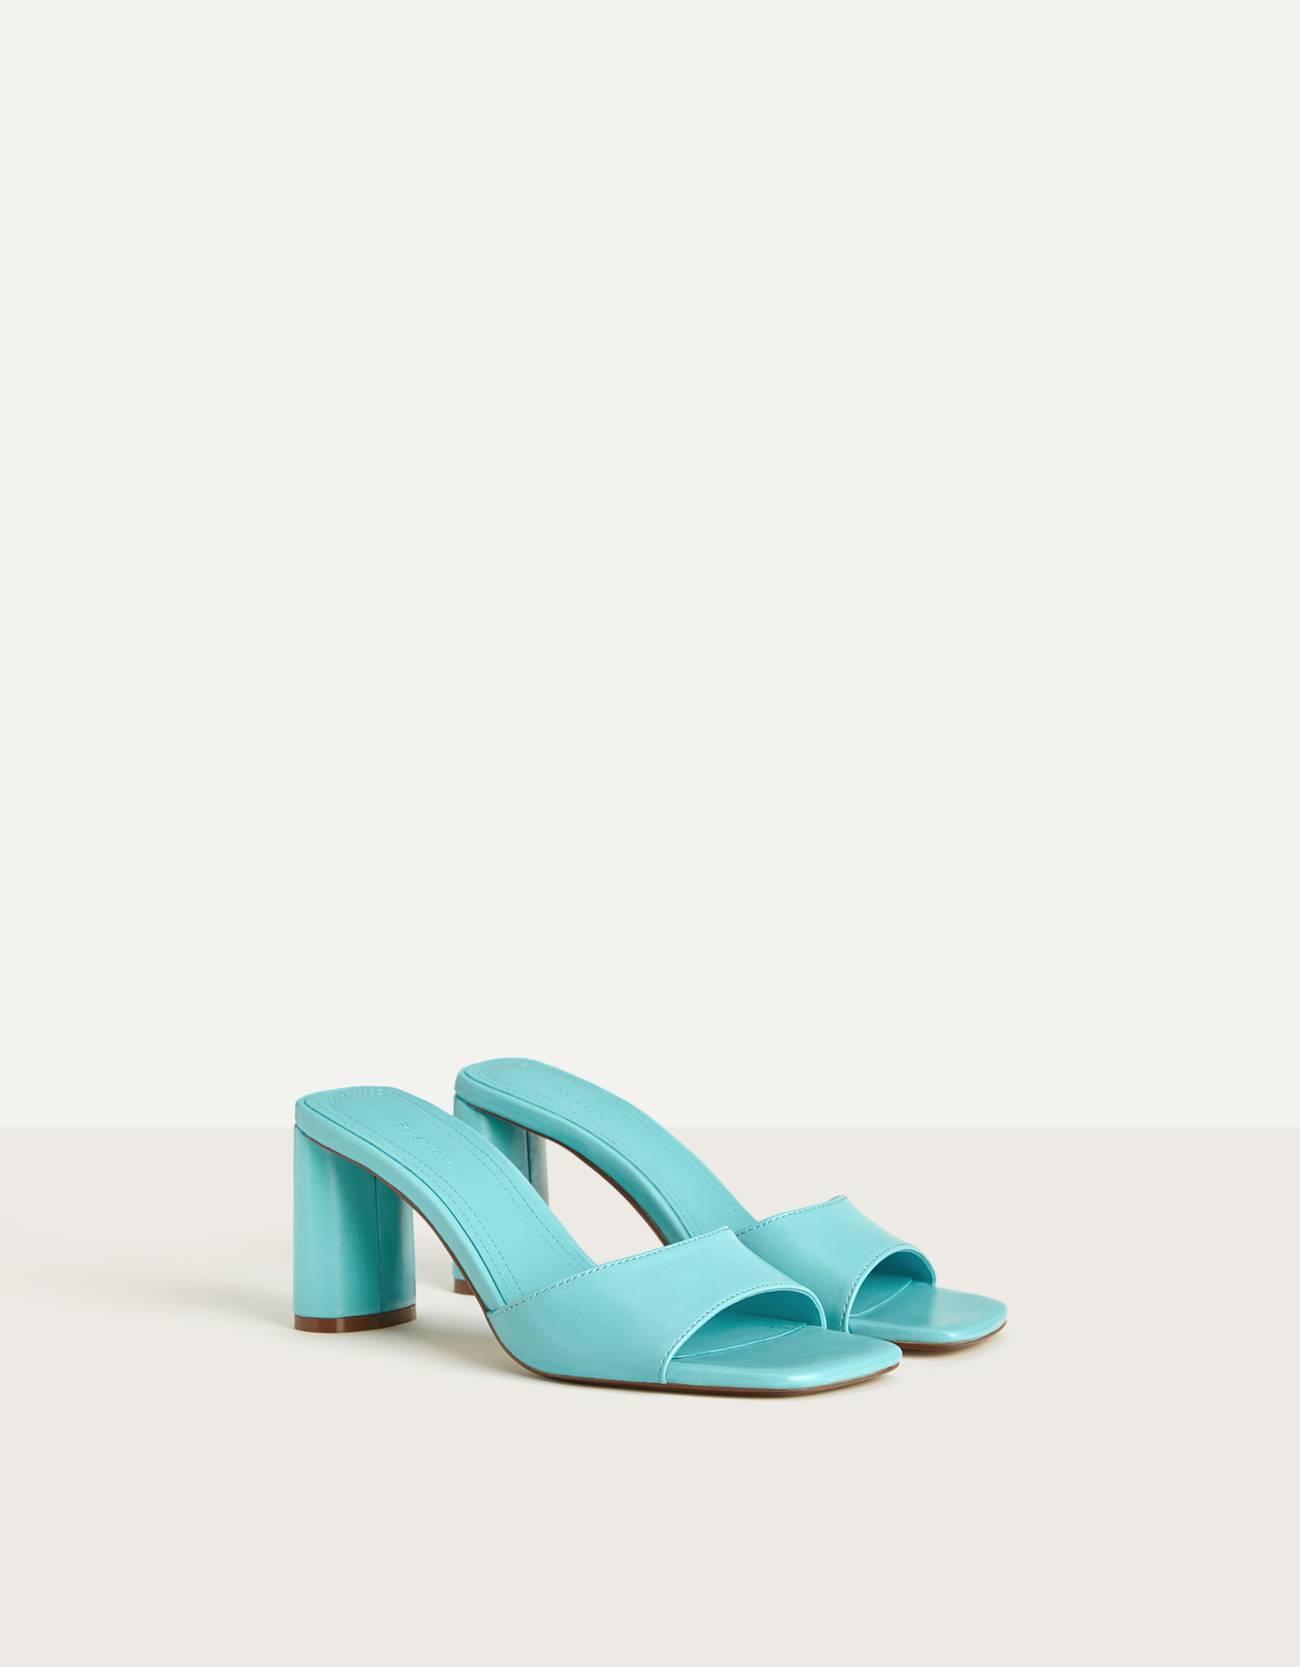 Sandalia tacón en color azul turquesa. Tipo mule. Punta cuadrada.